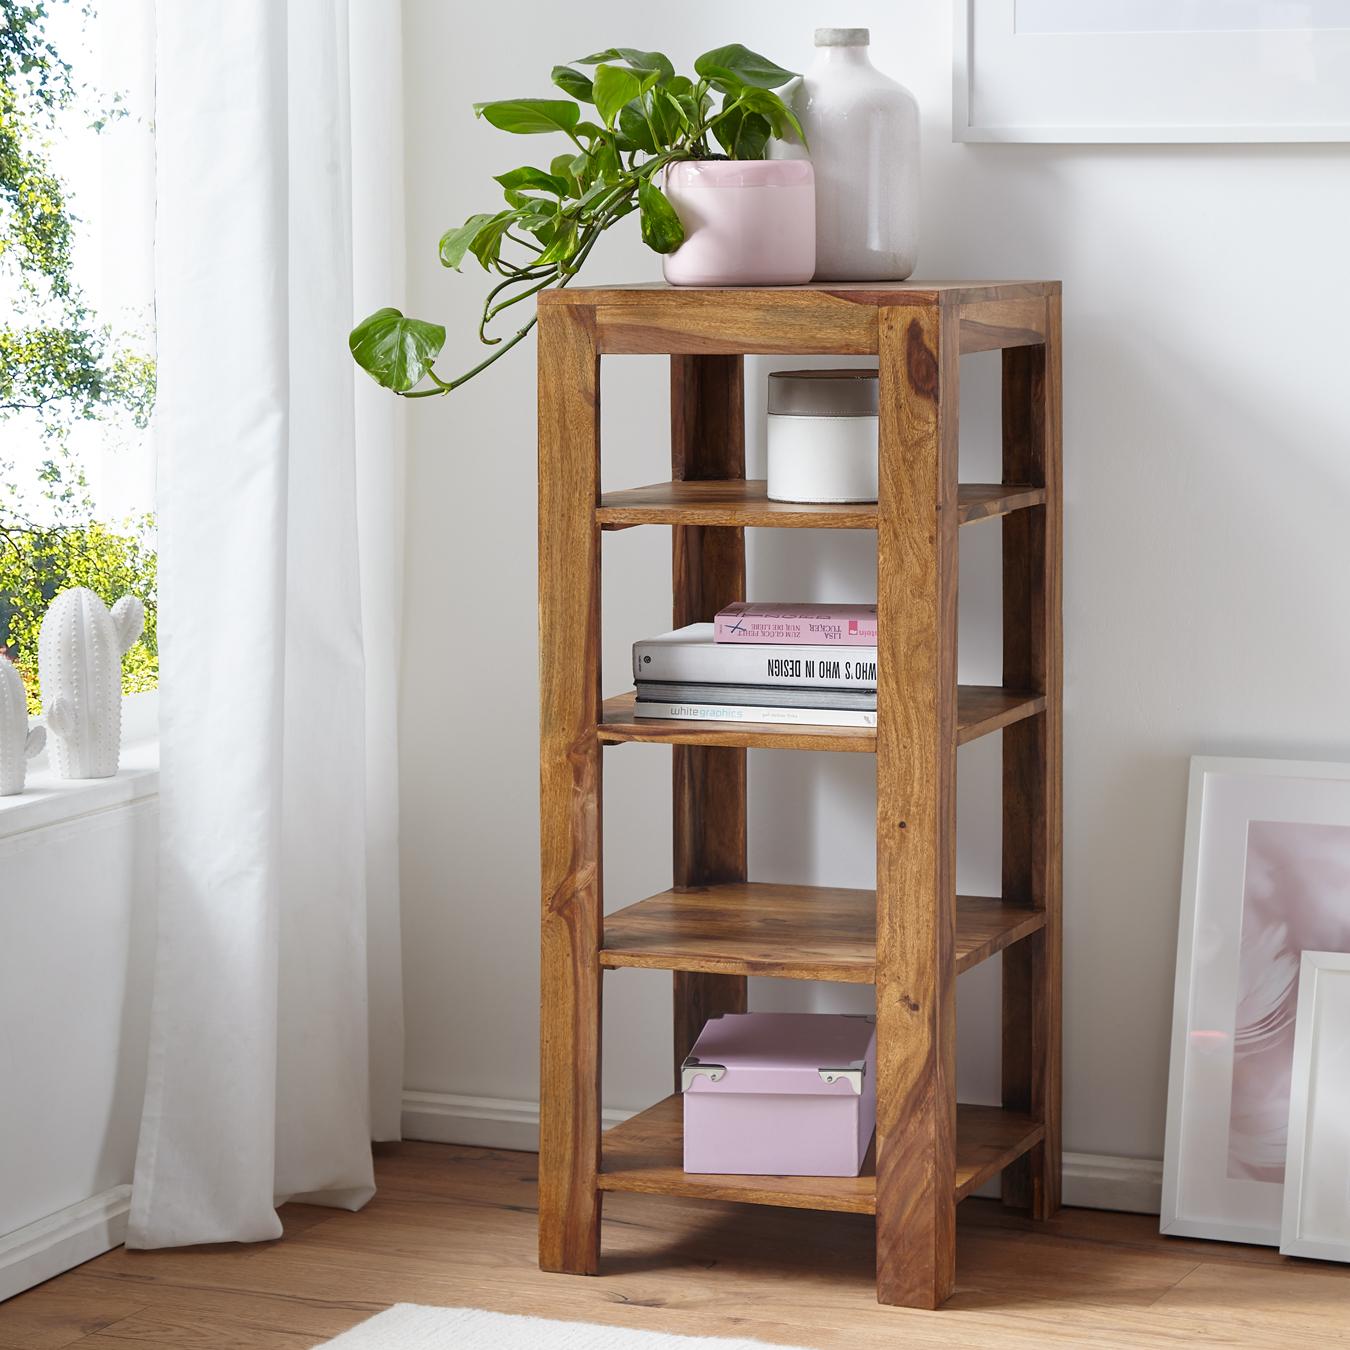 FineBuy Standregal Massiv-Holz Sheesham 8 cm Wohnzimmer-Regal mit 8  Ablagefächer Design Landhaus-Stil Beistelltisch